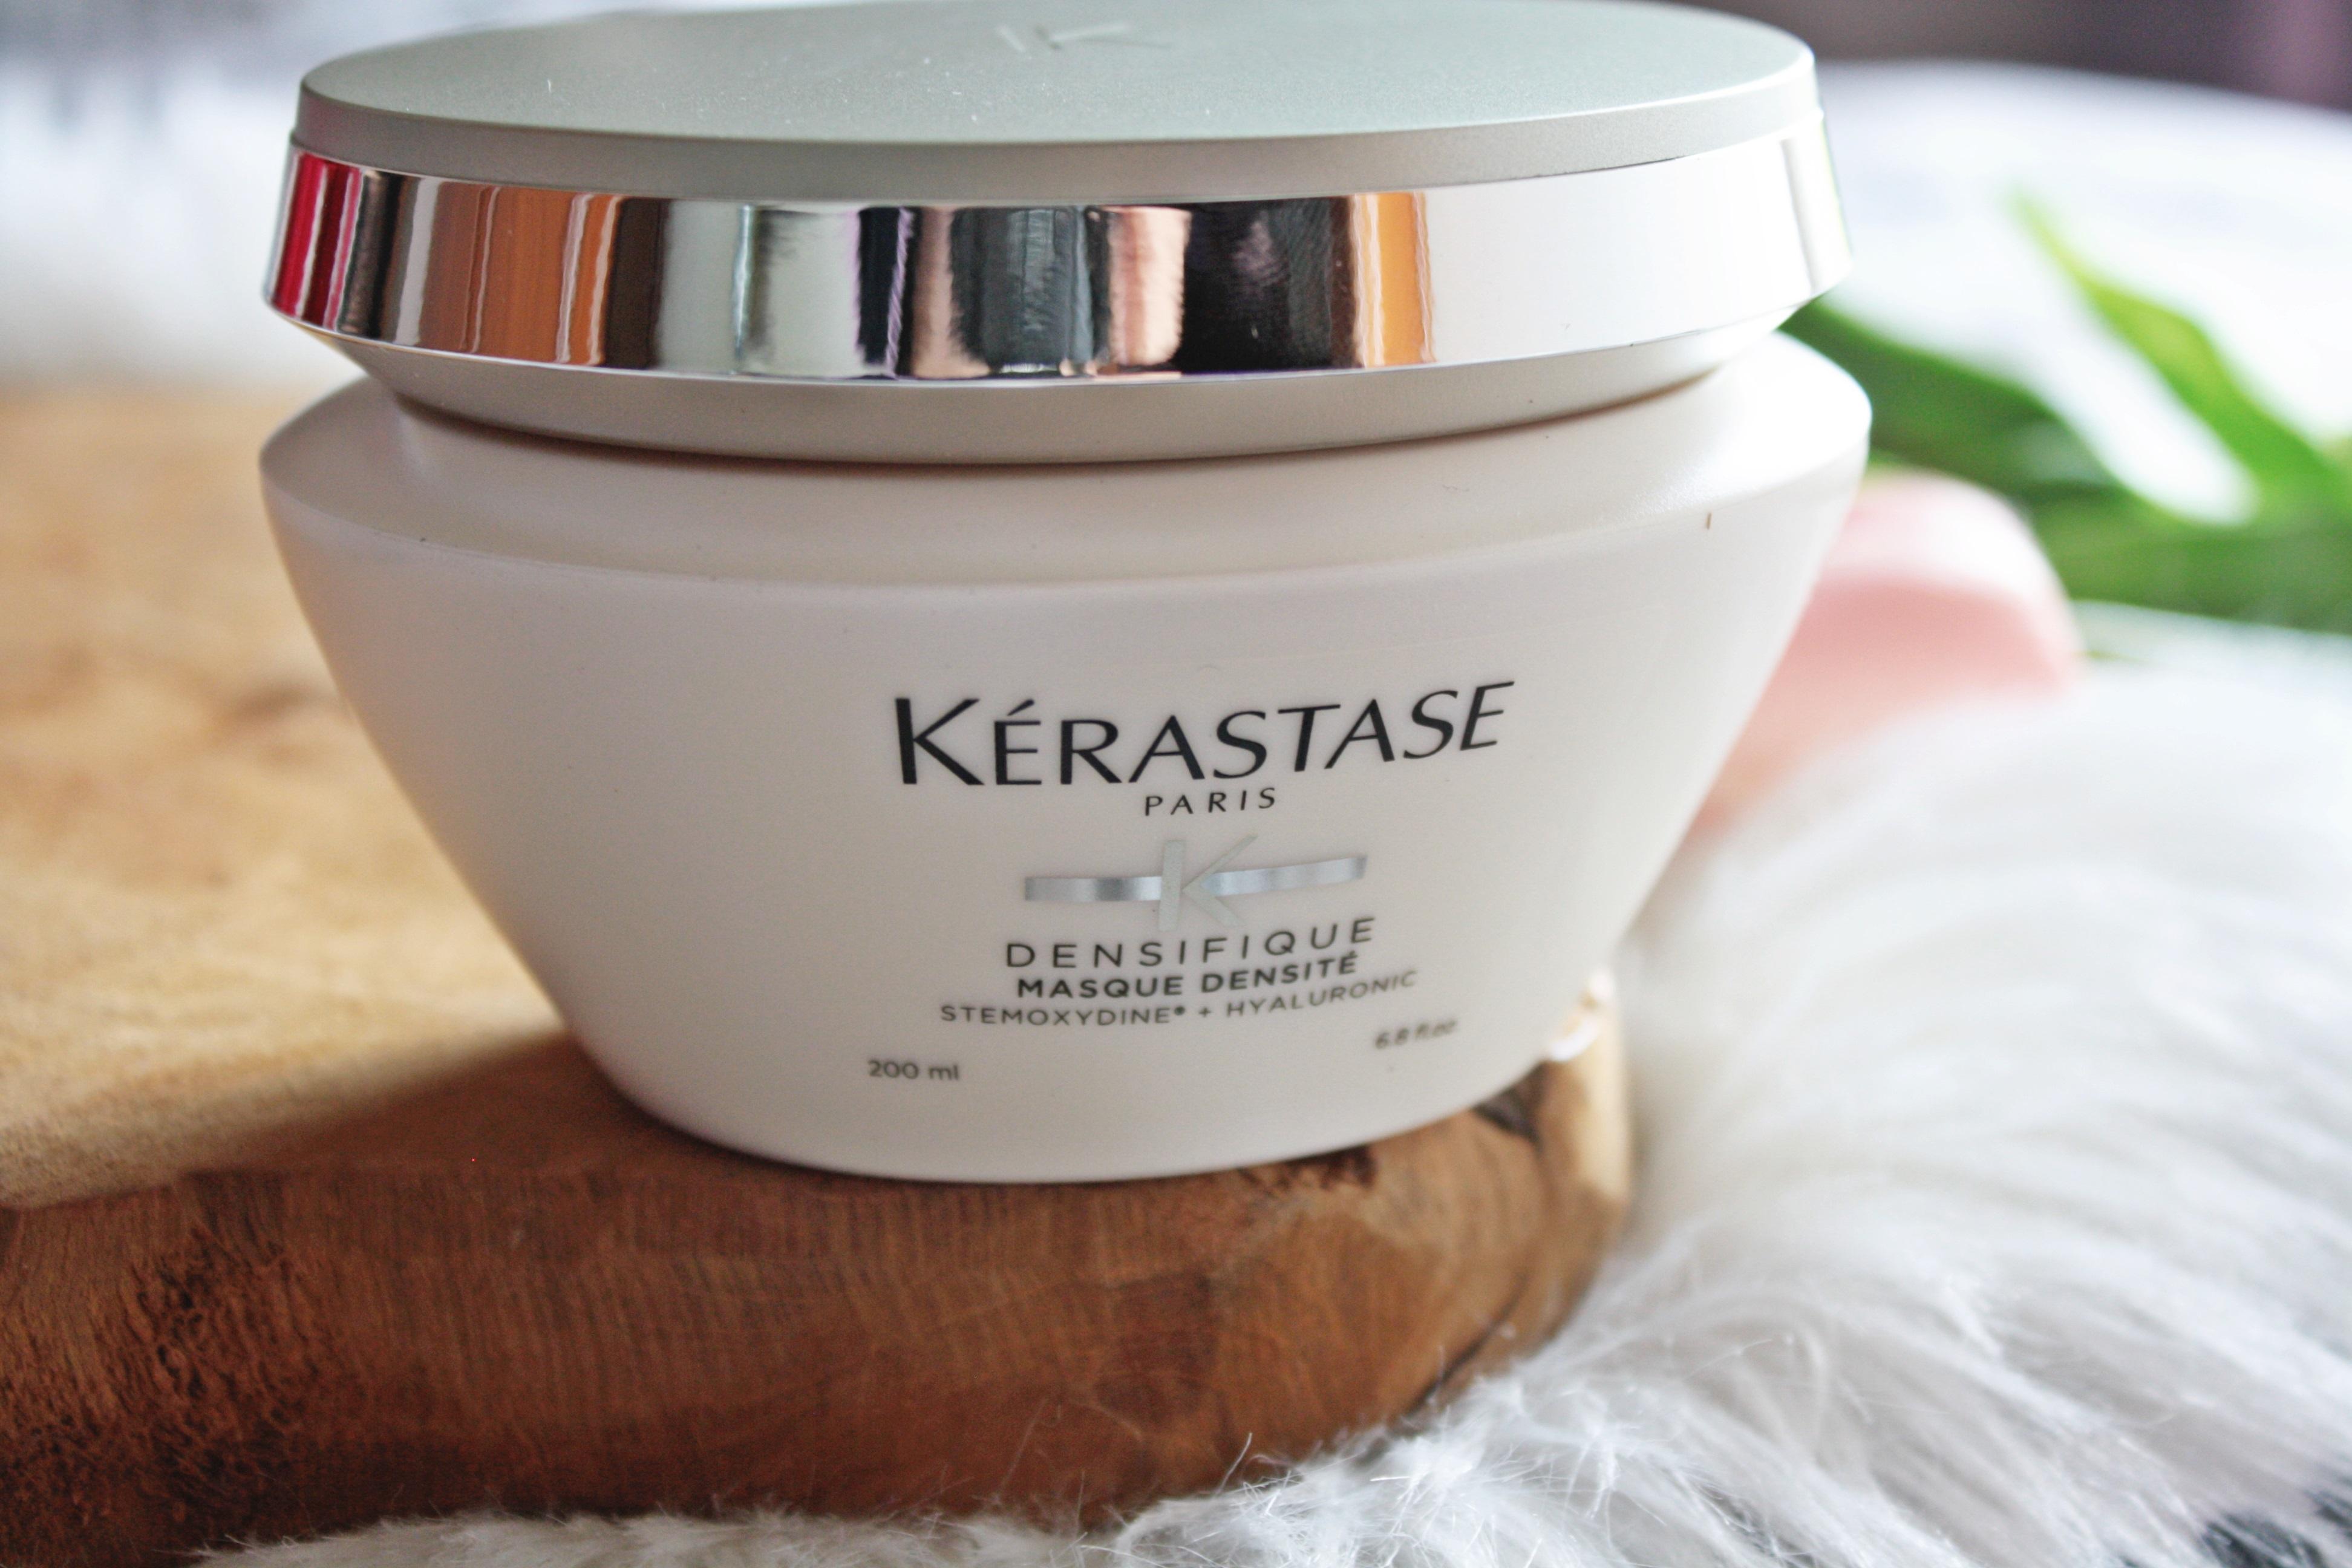 masque kérastase - Densifique Masque Densité